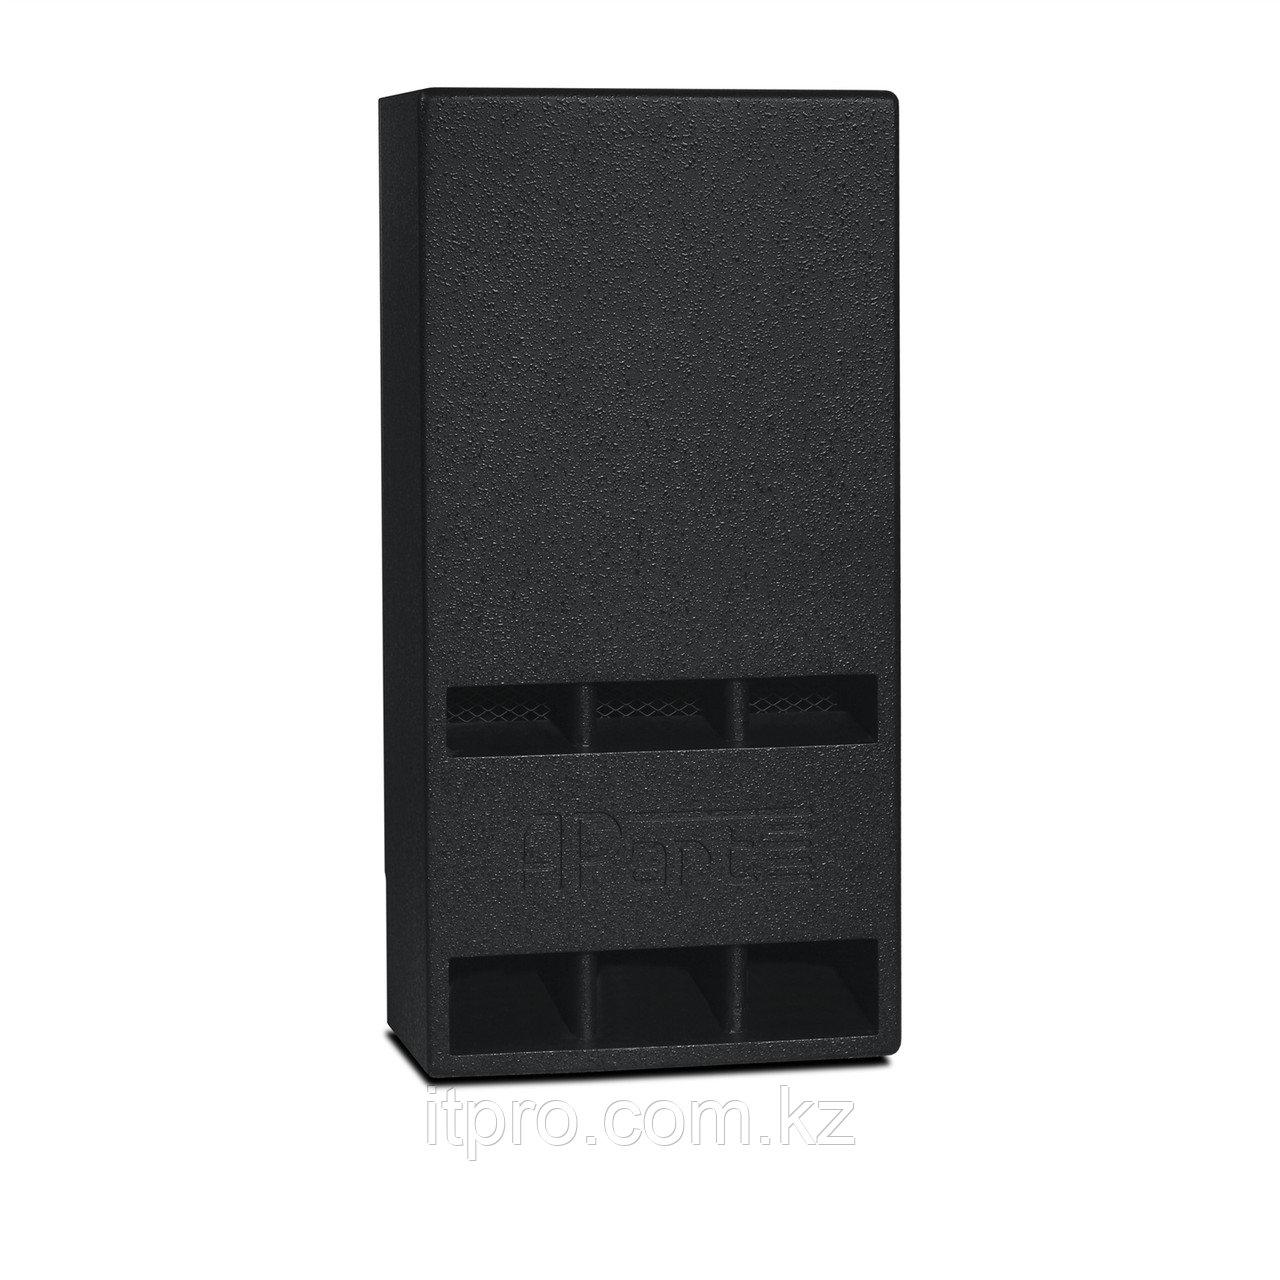 Пассивный сабвуфер Apart SUB2400-BL, 2x400W